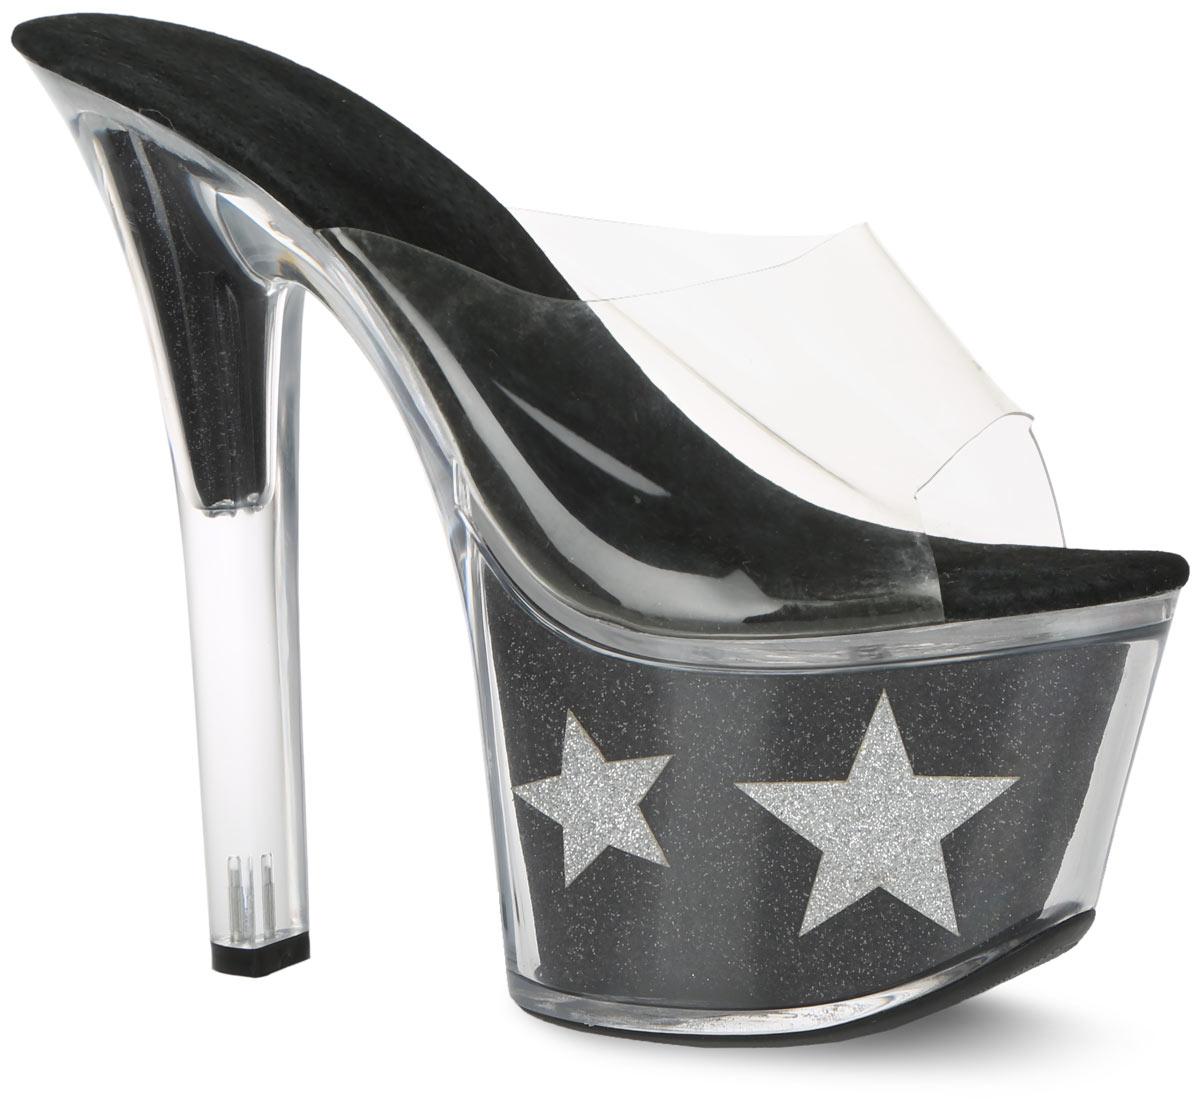 5514Эффектные босоножки от Erolanta Shoes предназначены для танцев. Верх модели выполнен из прозрачного силикона. Стелька из натуральной замши комфортна при движении и предотвращает выскальзывание ноги. Ультравысокий каблук компенсирован высокой платформой. Каблук и платформа, выполненные из прозрачного пластика, внутри оформлены материалом с блестящей поверхностью и декоративными элементами в виде звезд. Стильные босоножки покорят вас с первого взгляда.